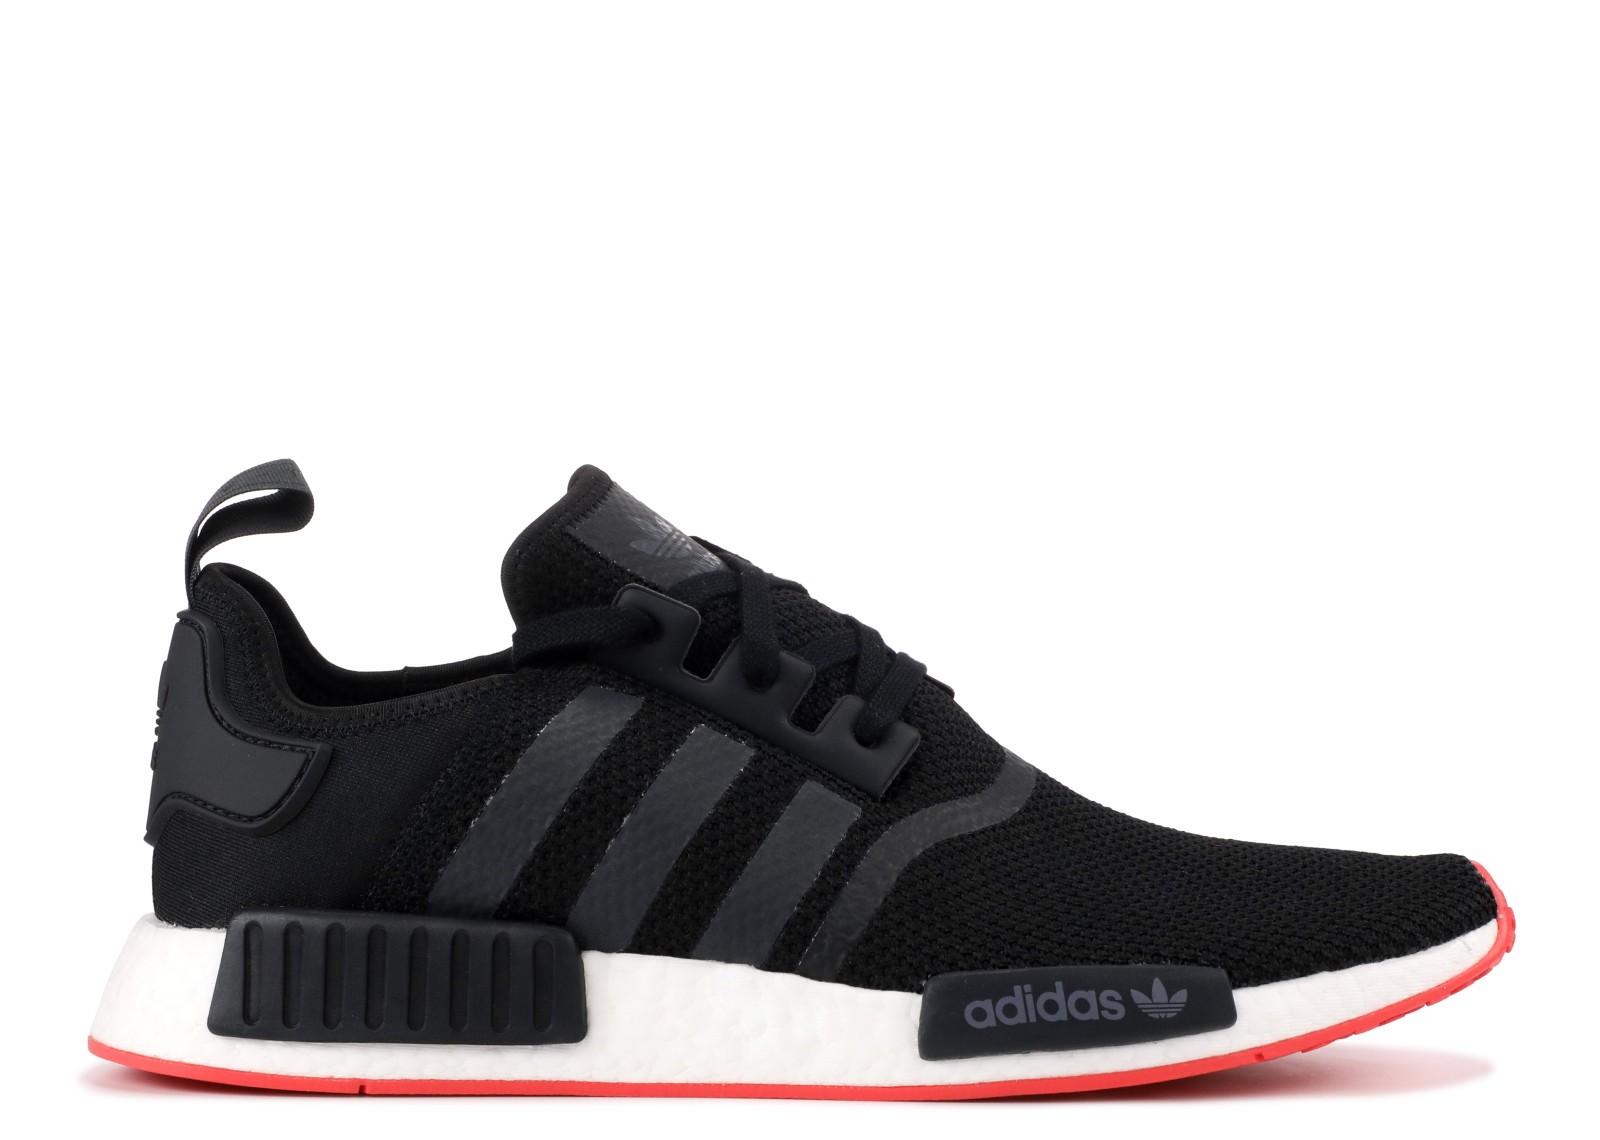 adidas nmd r1 originals sneaker f35882 grauschwarzrot